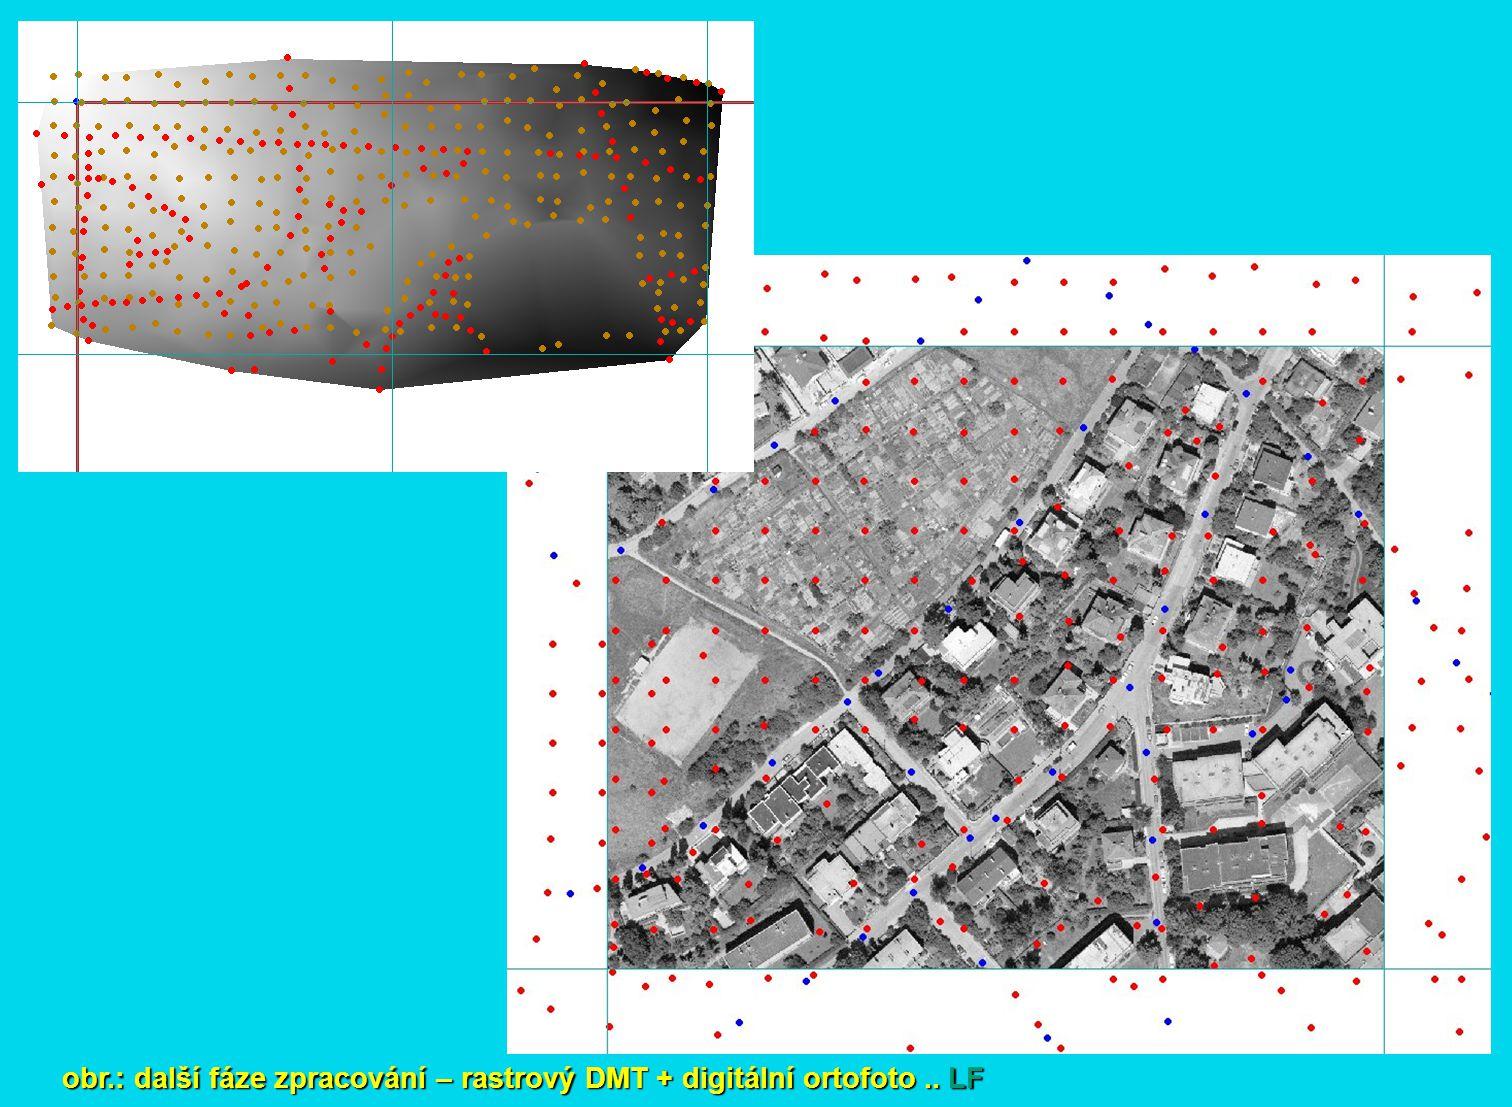 obr.: další fáze zpracování – rastrový DMT + digitální ortofoto.. LF